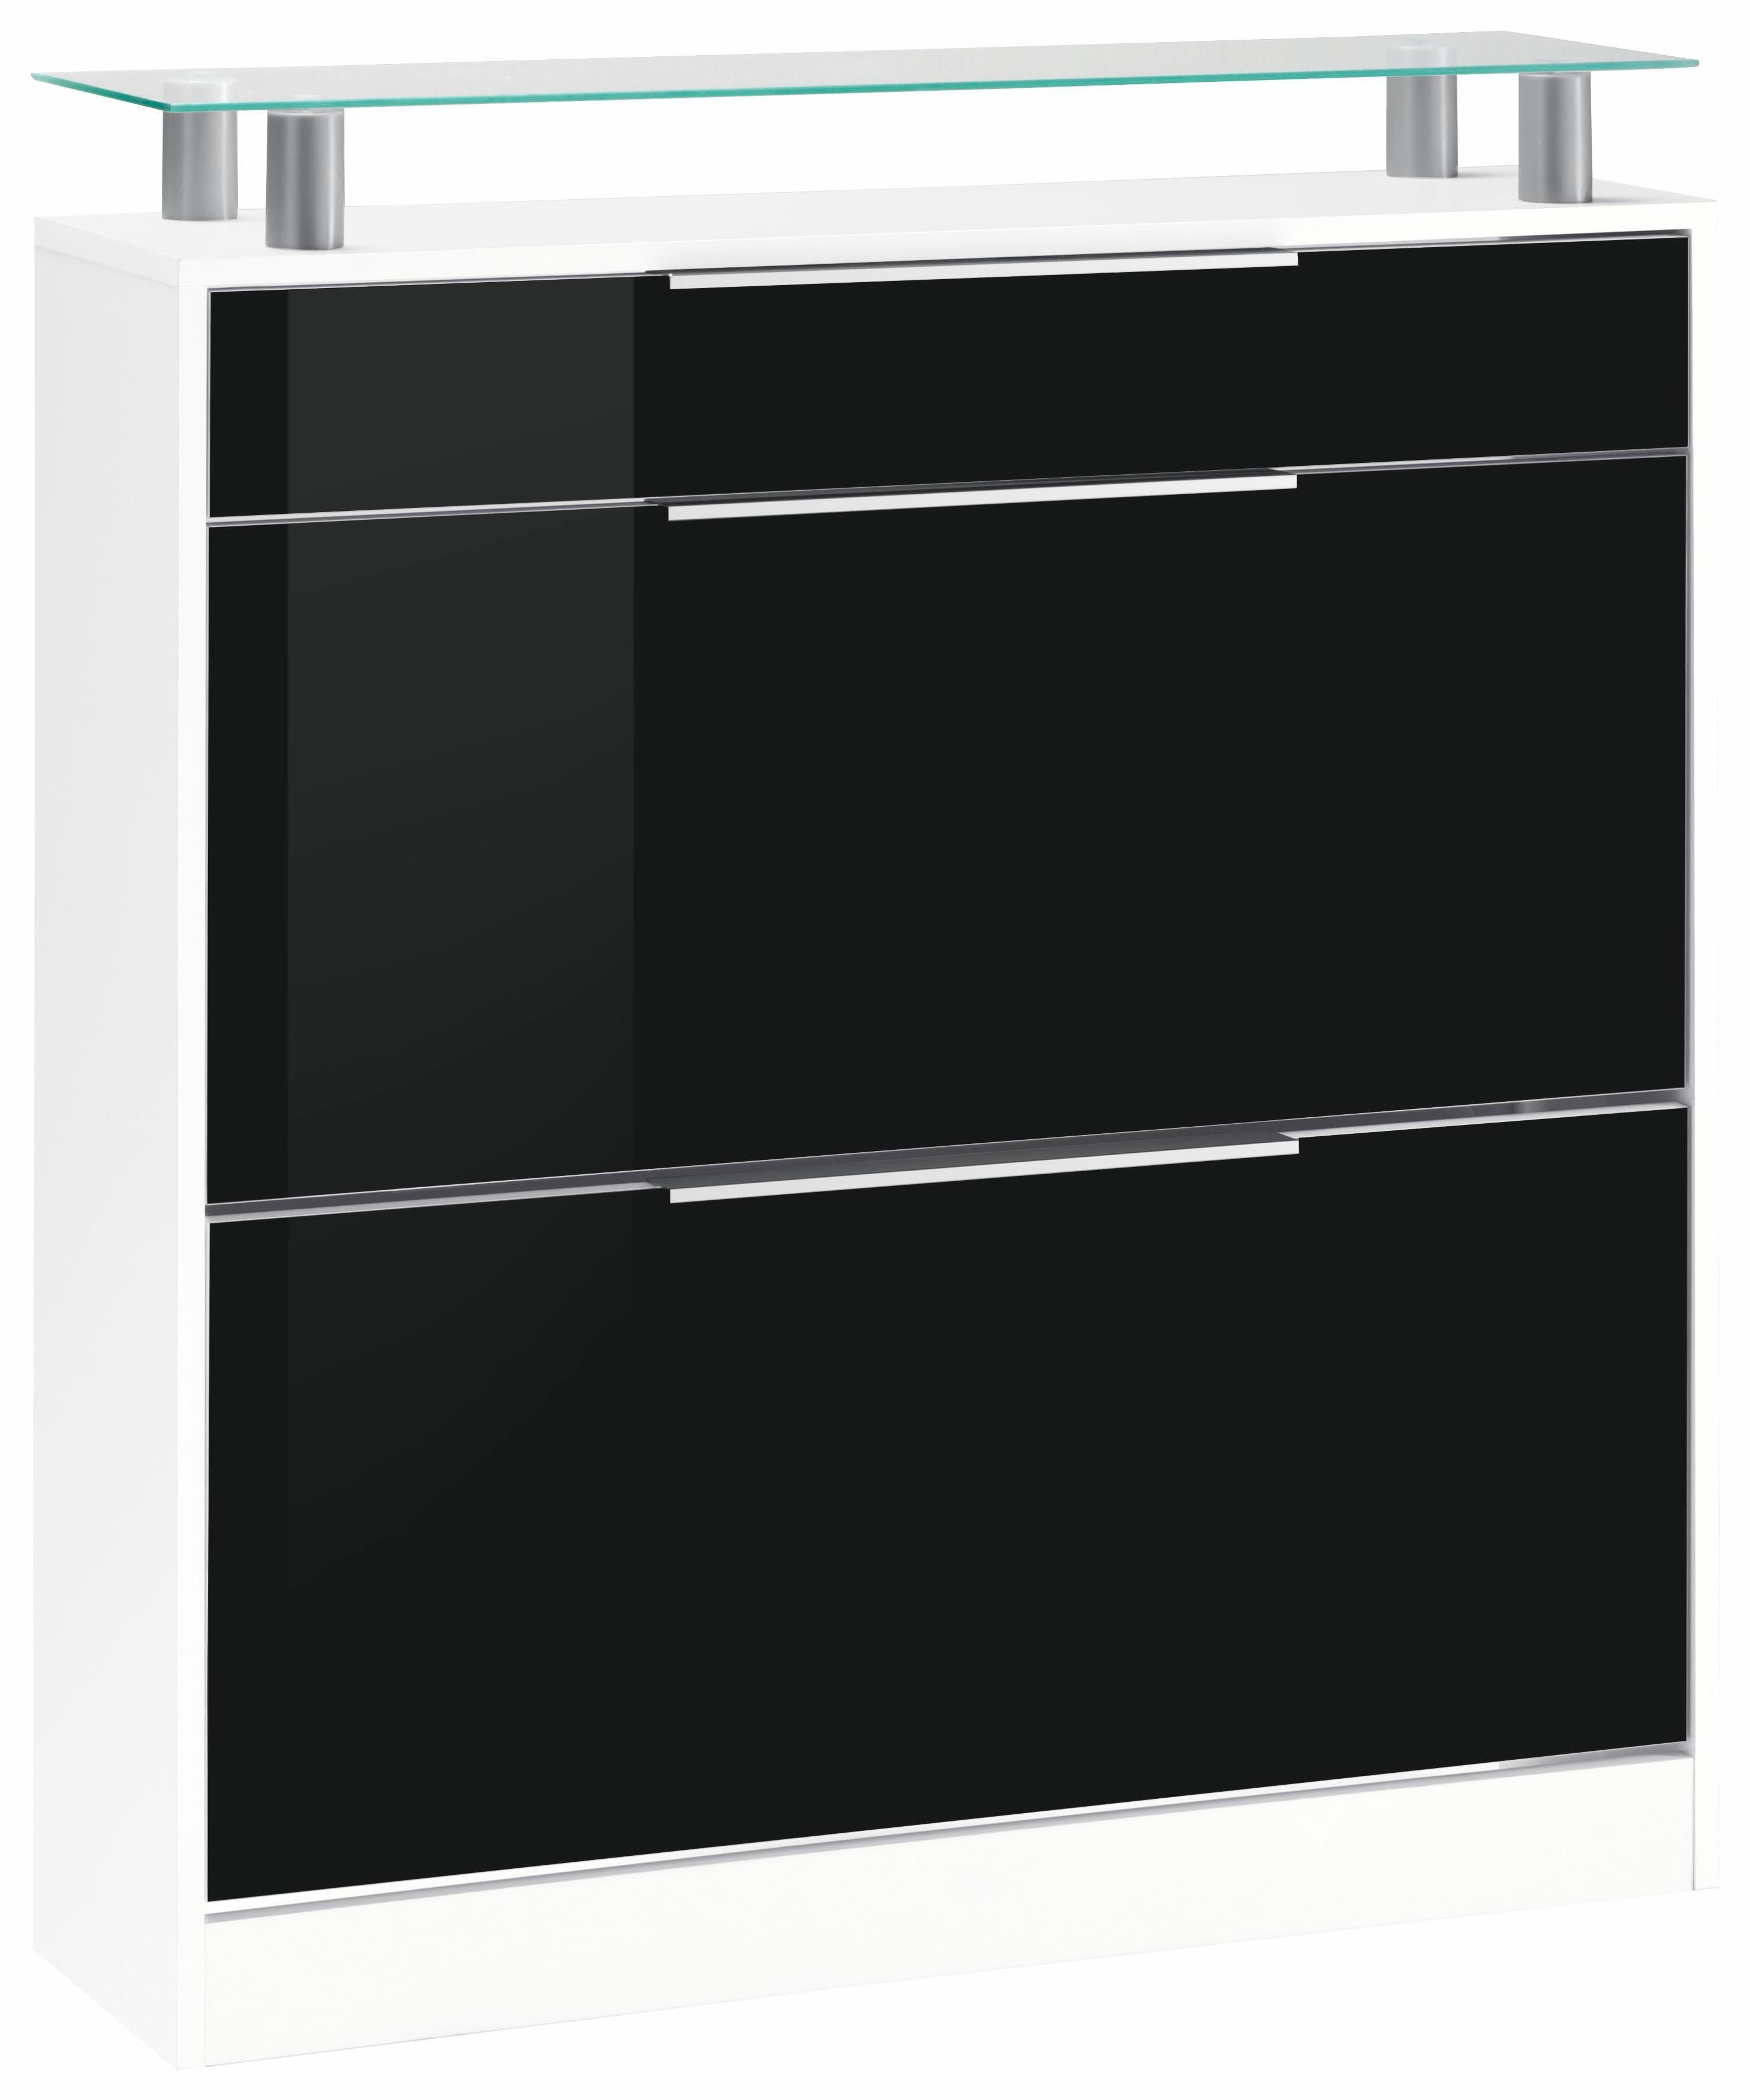 borchardt Möbel Schuhschrank »Oliva«, Breite 89 cm, stehend günstig online kaufen